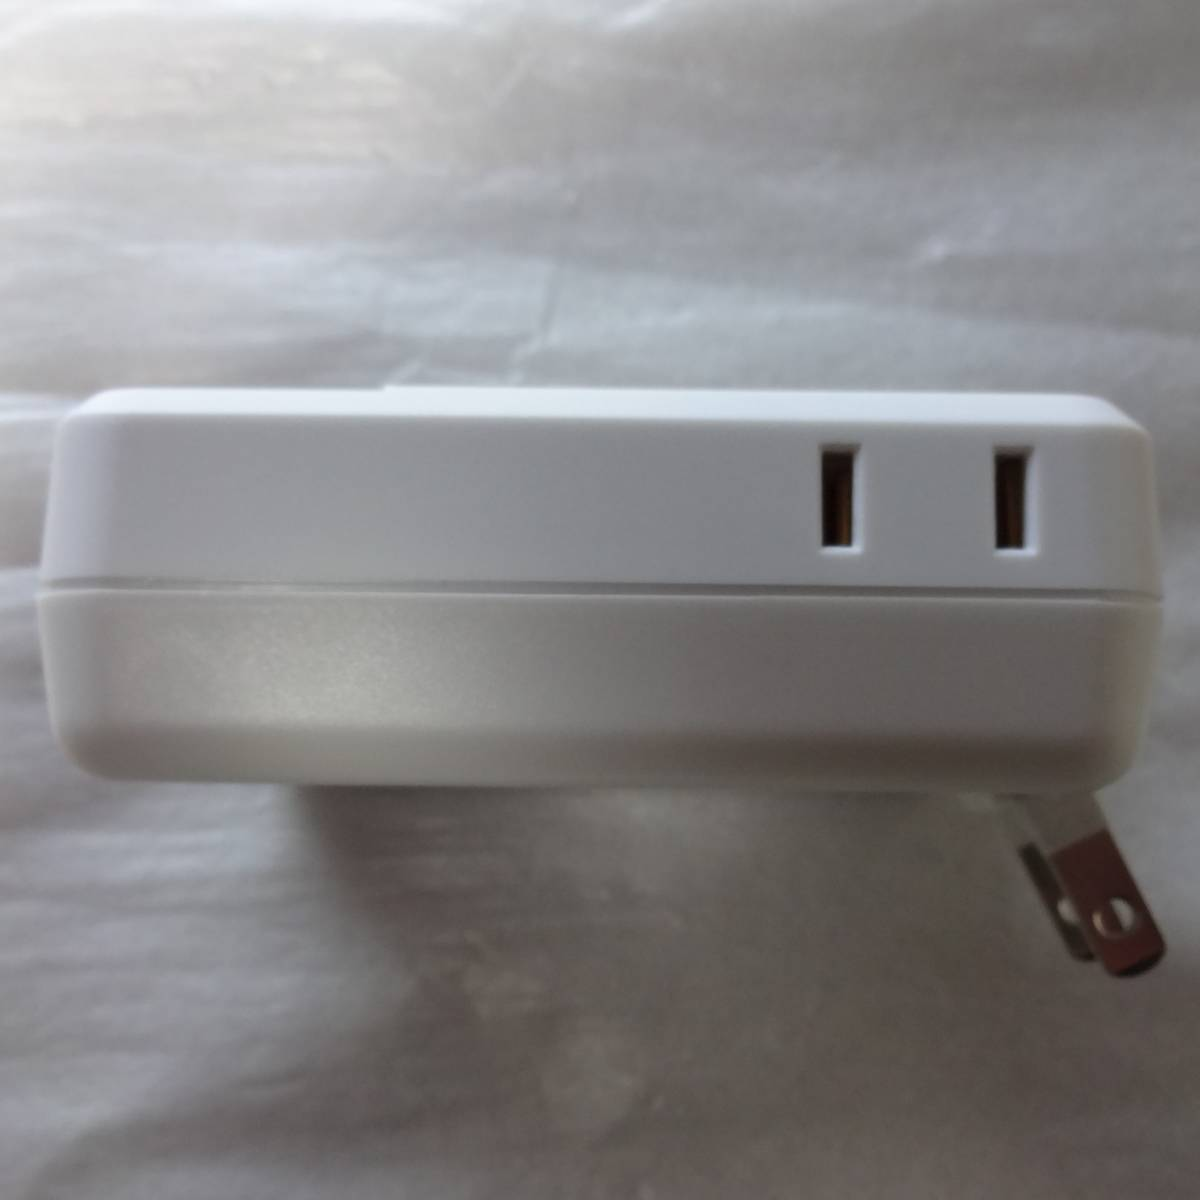 TOPLAND / トップランド USB急速充電2ポート + 雷ガード付き ACコンセント4個口 M4154W_画像4